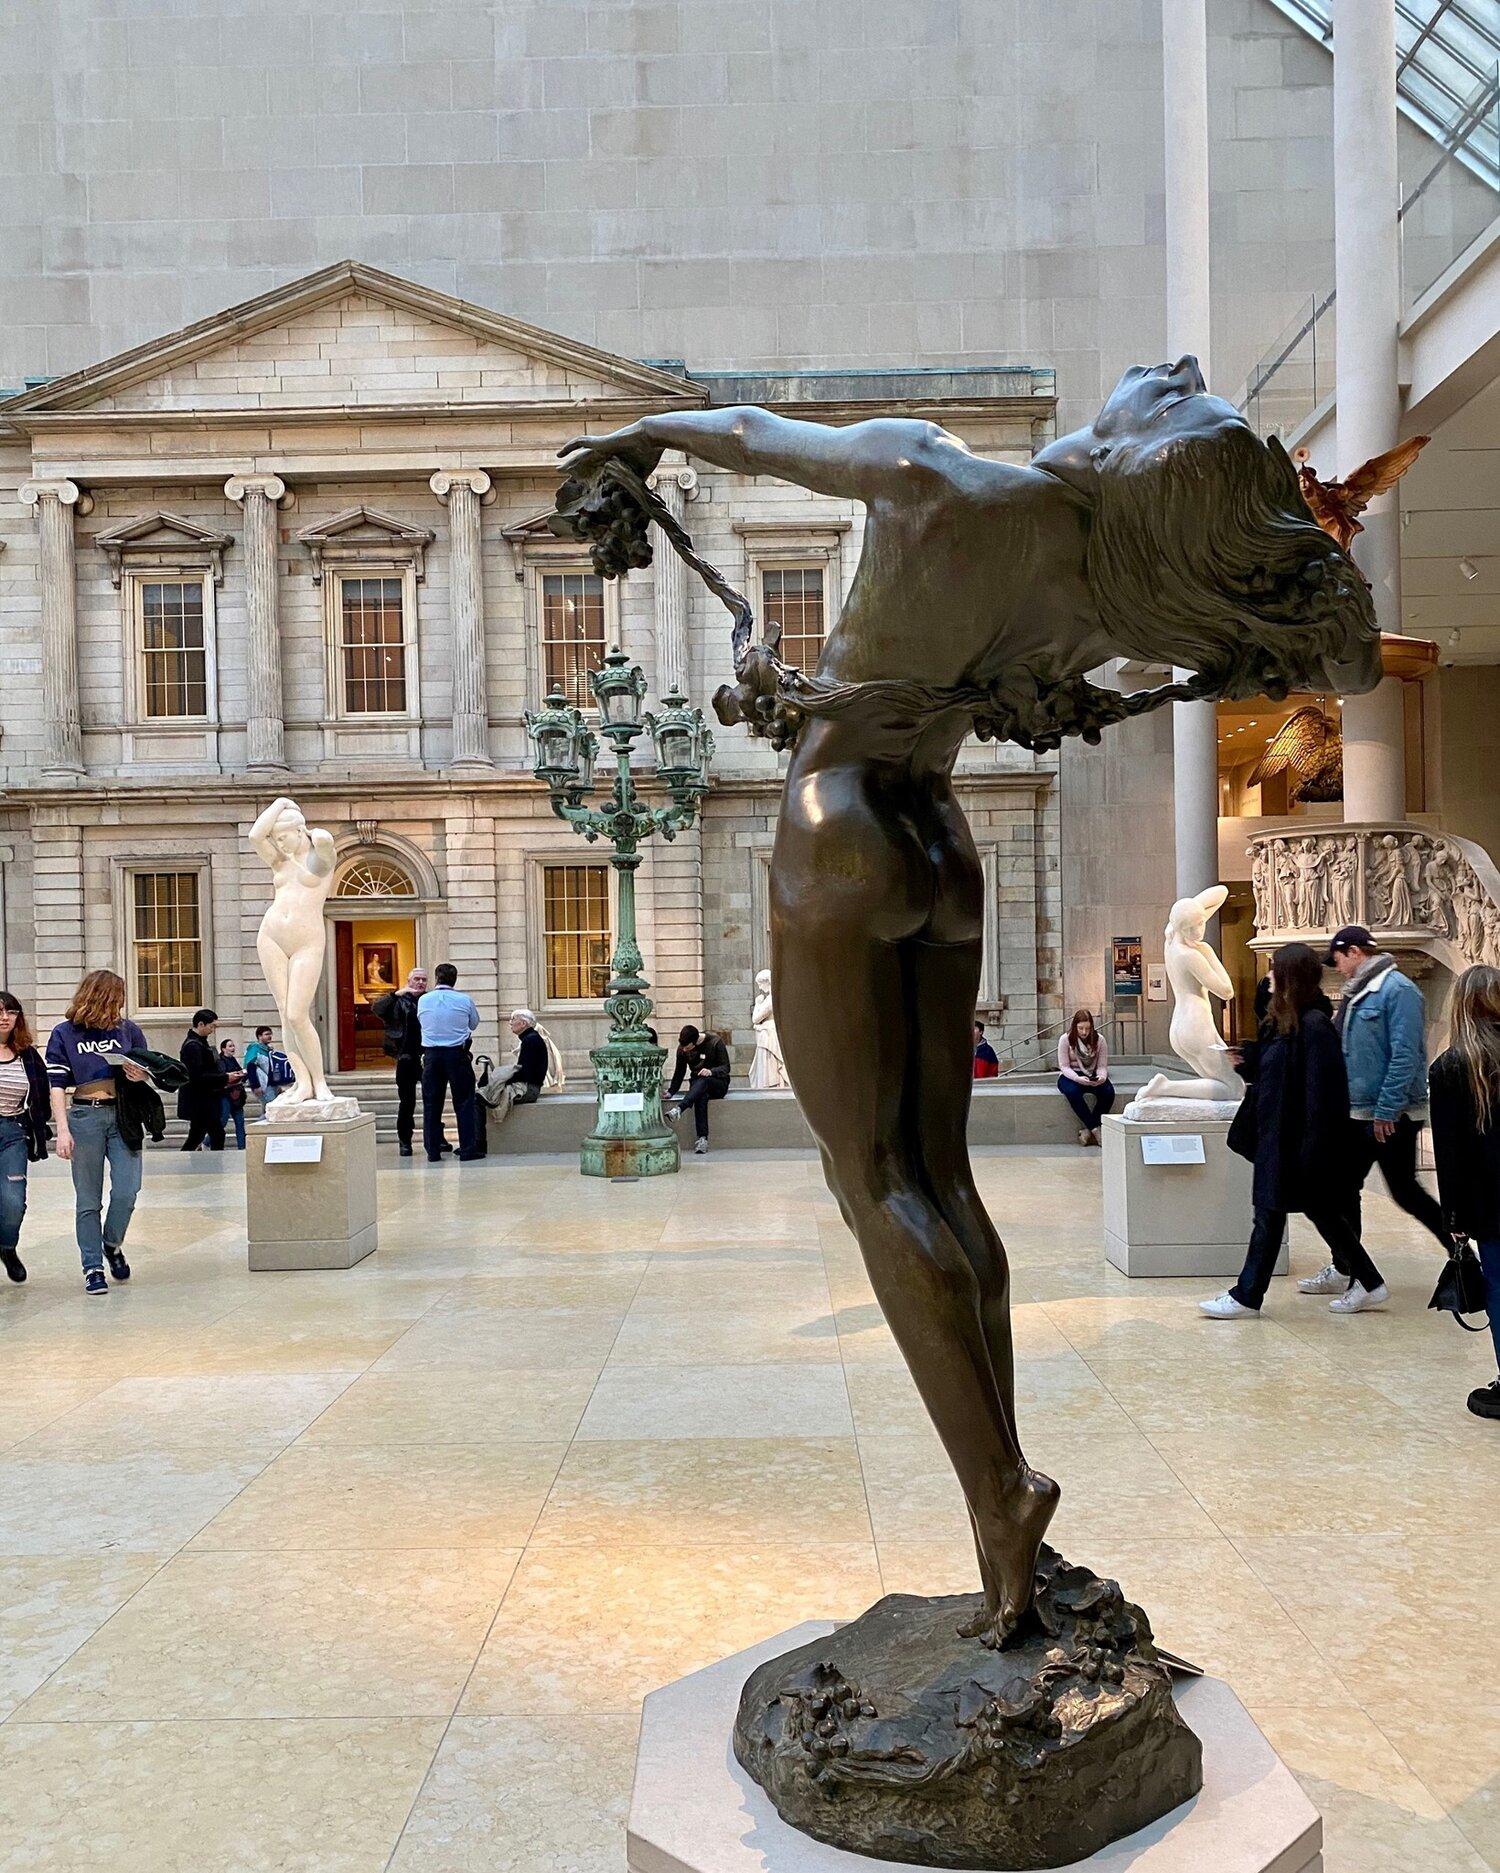 Image via the  Metropolitan Museum of Art